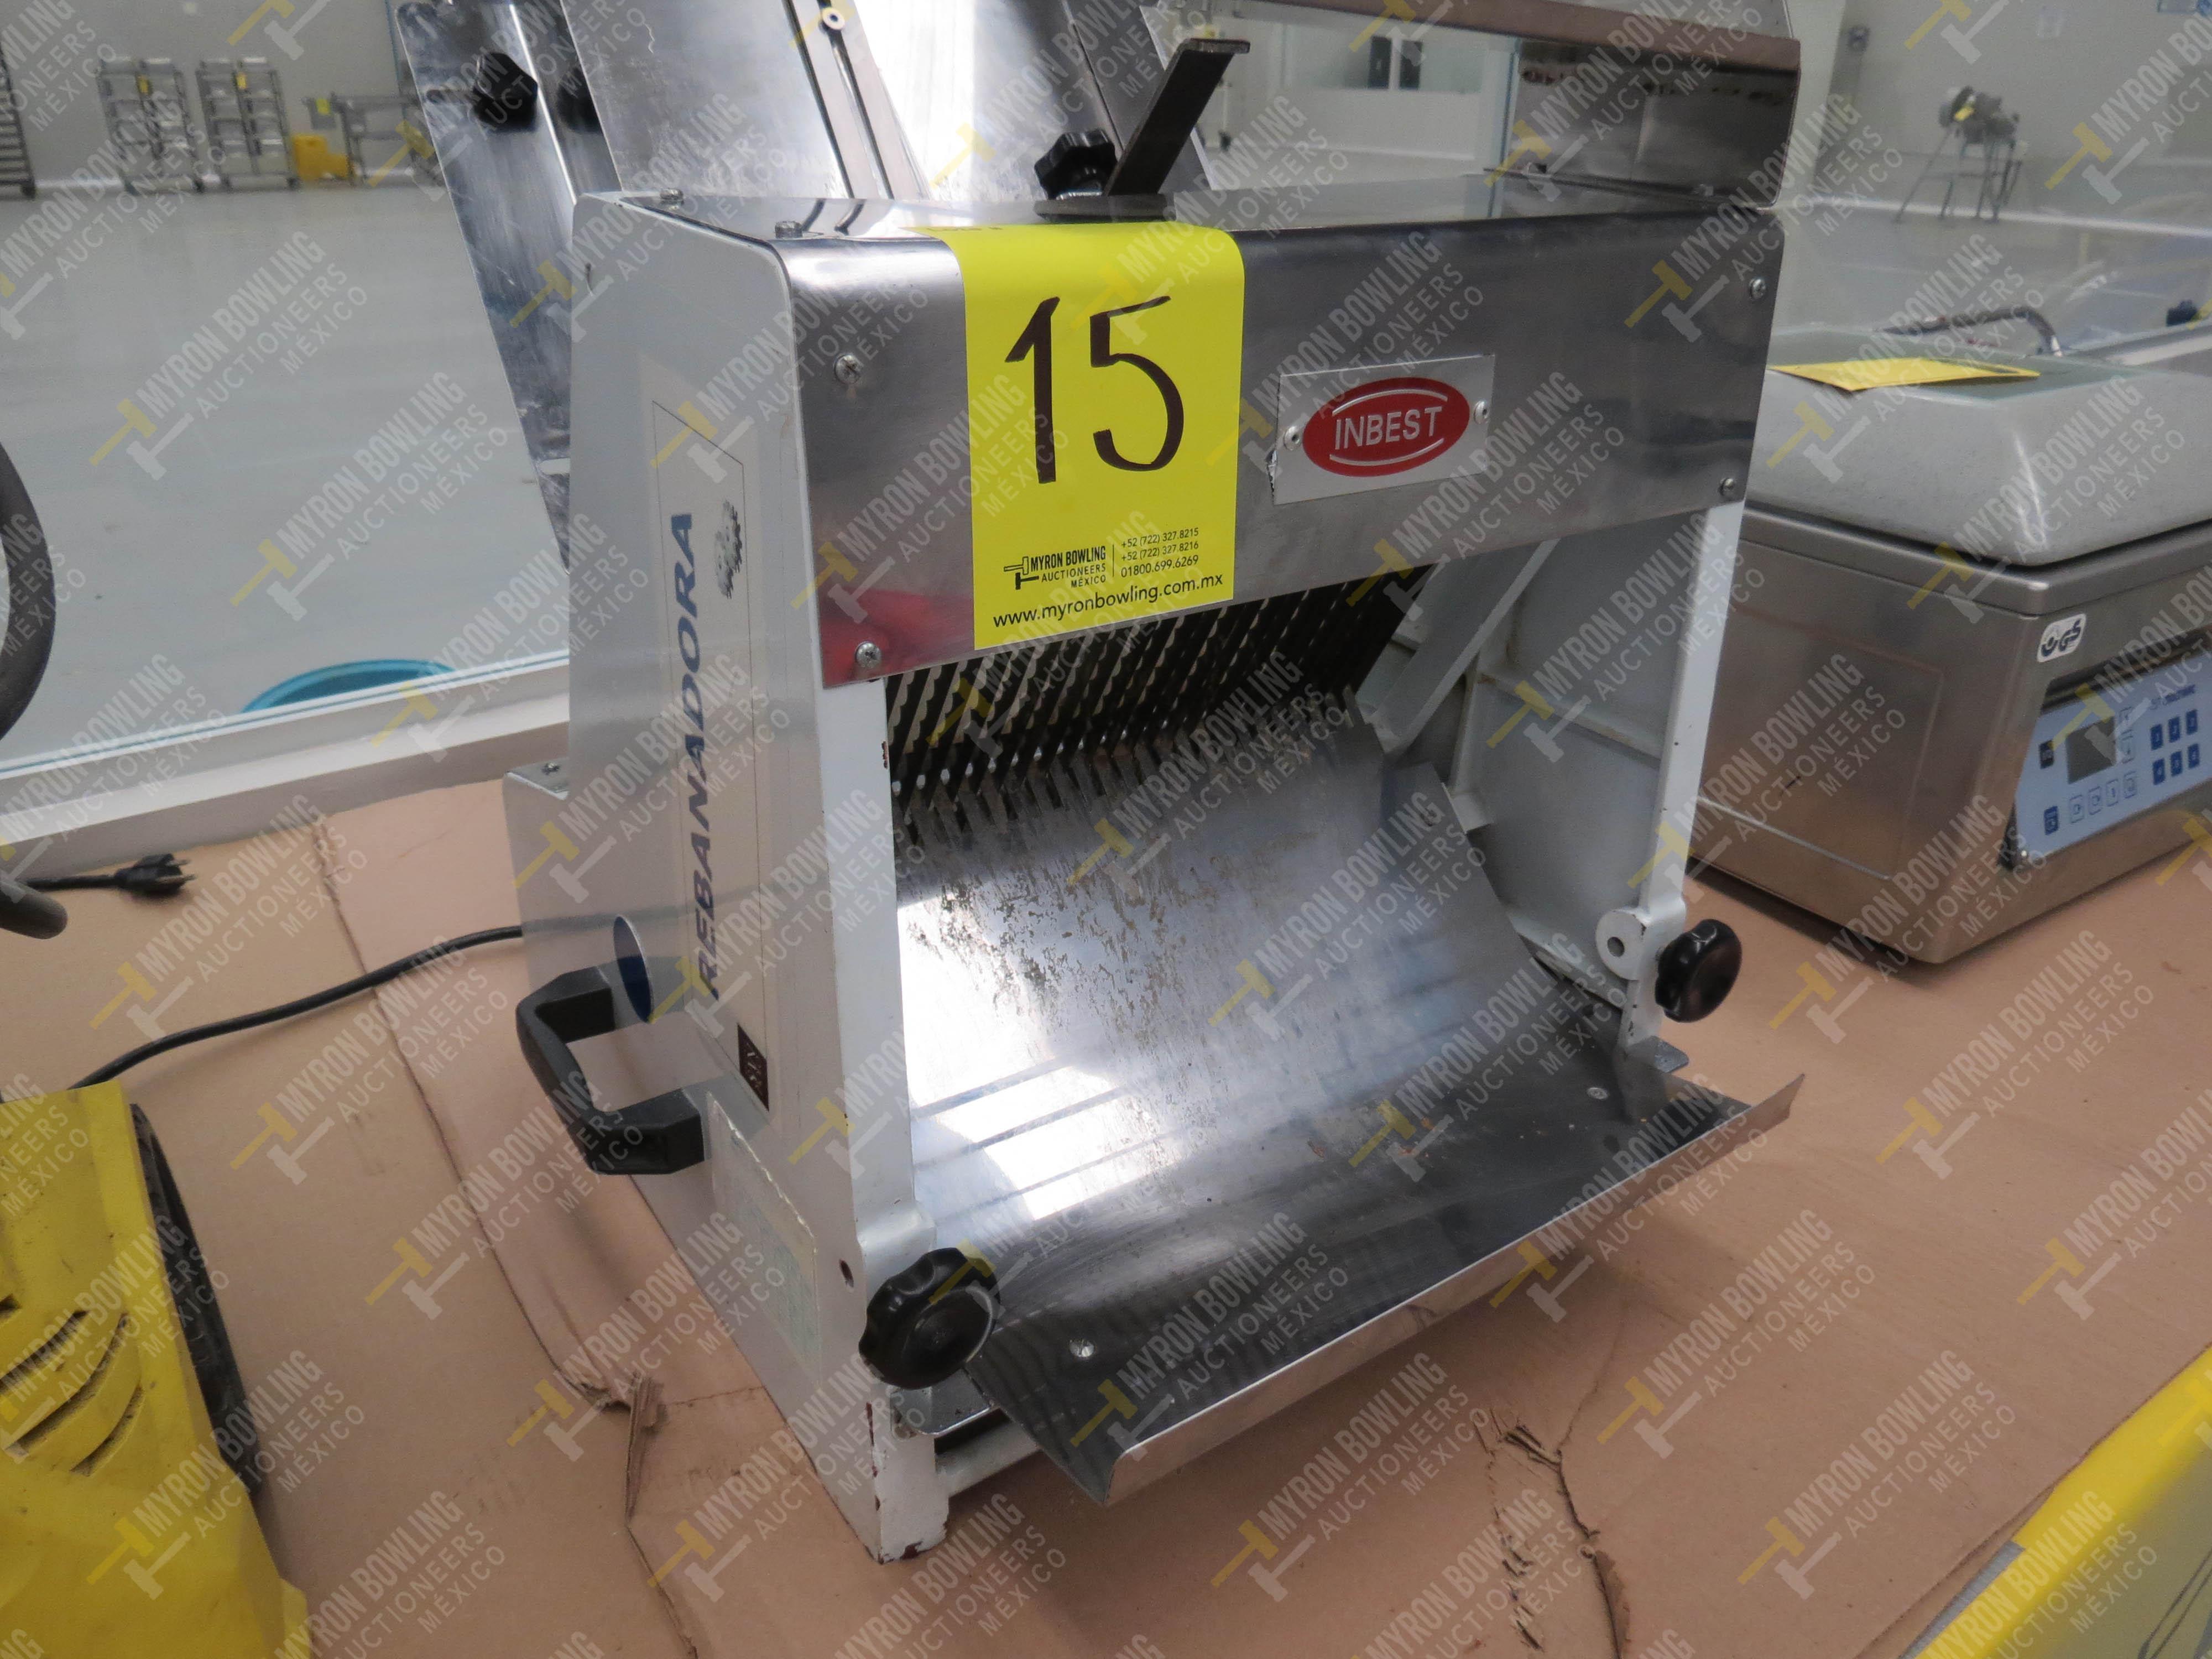 Rebanadora de pan de caja marca Inbest, Modelo 85081512, No. de Serie 639387, año 2006 - Image 3 of 5